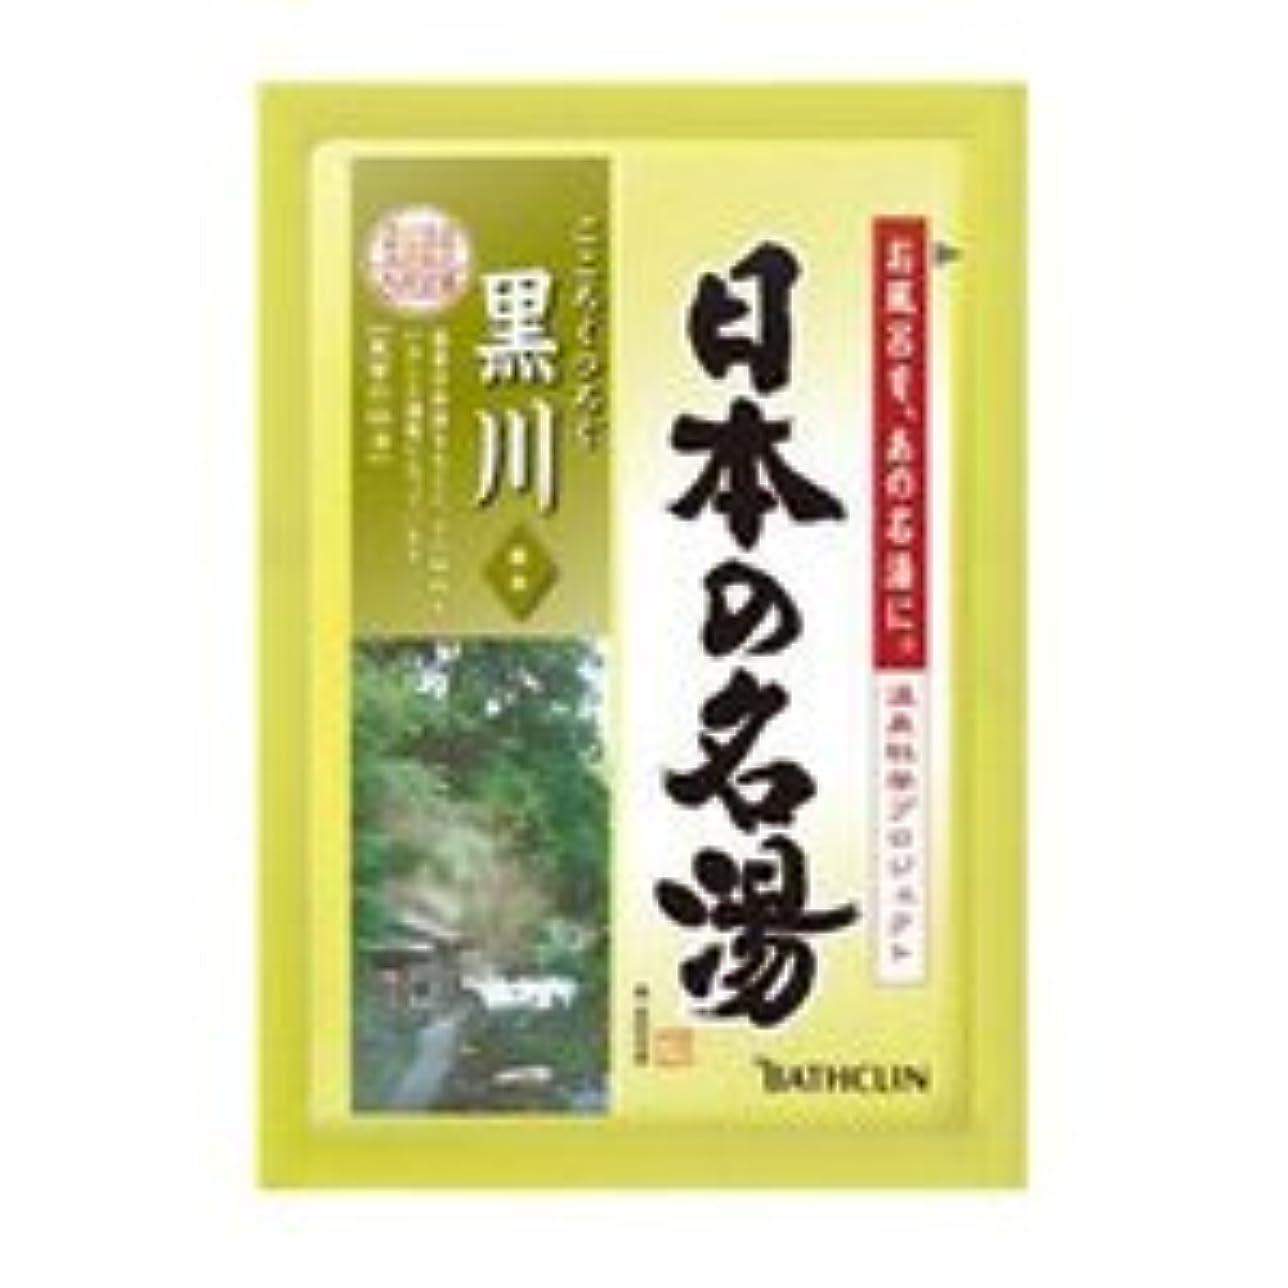 消費カバー大洪水バスクリン 日本の名湯 黒川 1包 30g (温泉タイプ入浴剤)×120点セット (4548514135093)